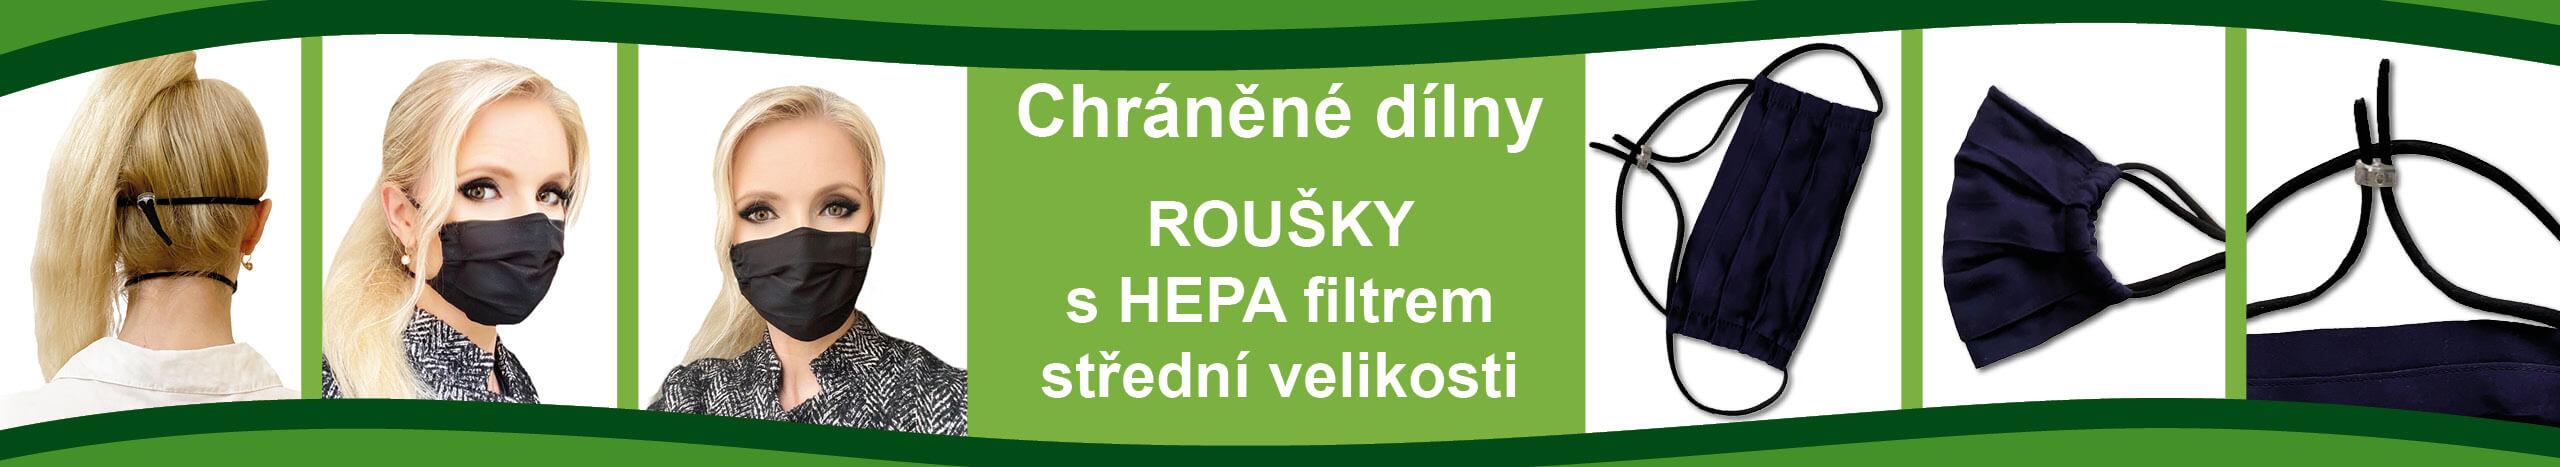 slide_pro_web_rousky_stredni_vel_002